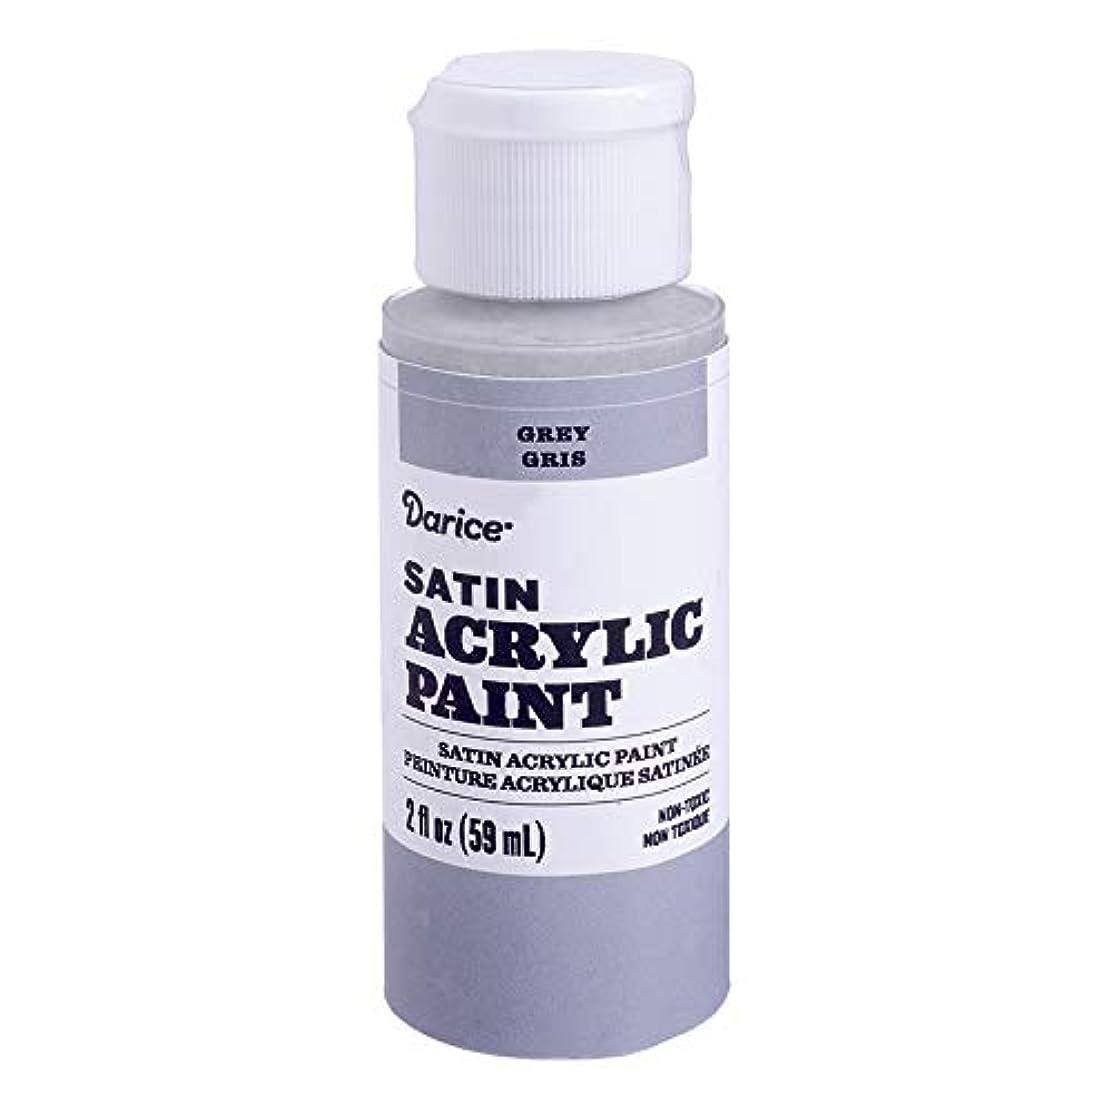 Darice 30062617 Satin Grey, 2 Ounces Acrylic Paint,